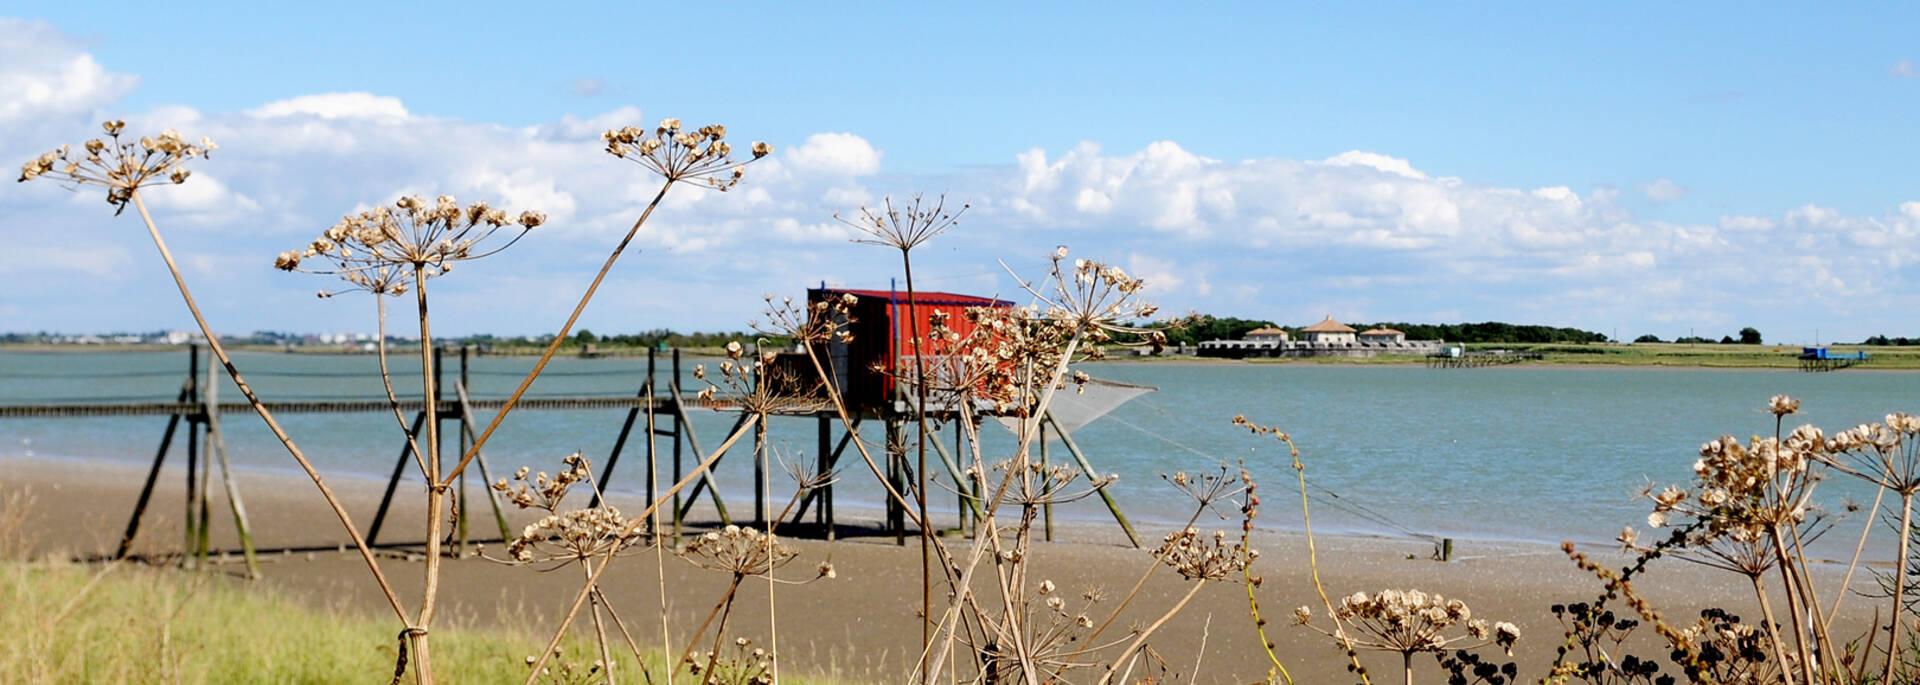 Le fort Lupin en arrière plan depuis les marais de Soumard - © Marie-Françoise Boufflet